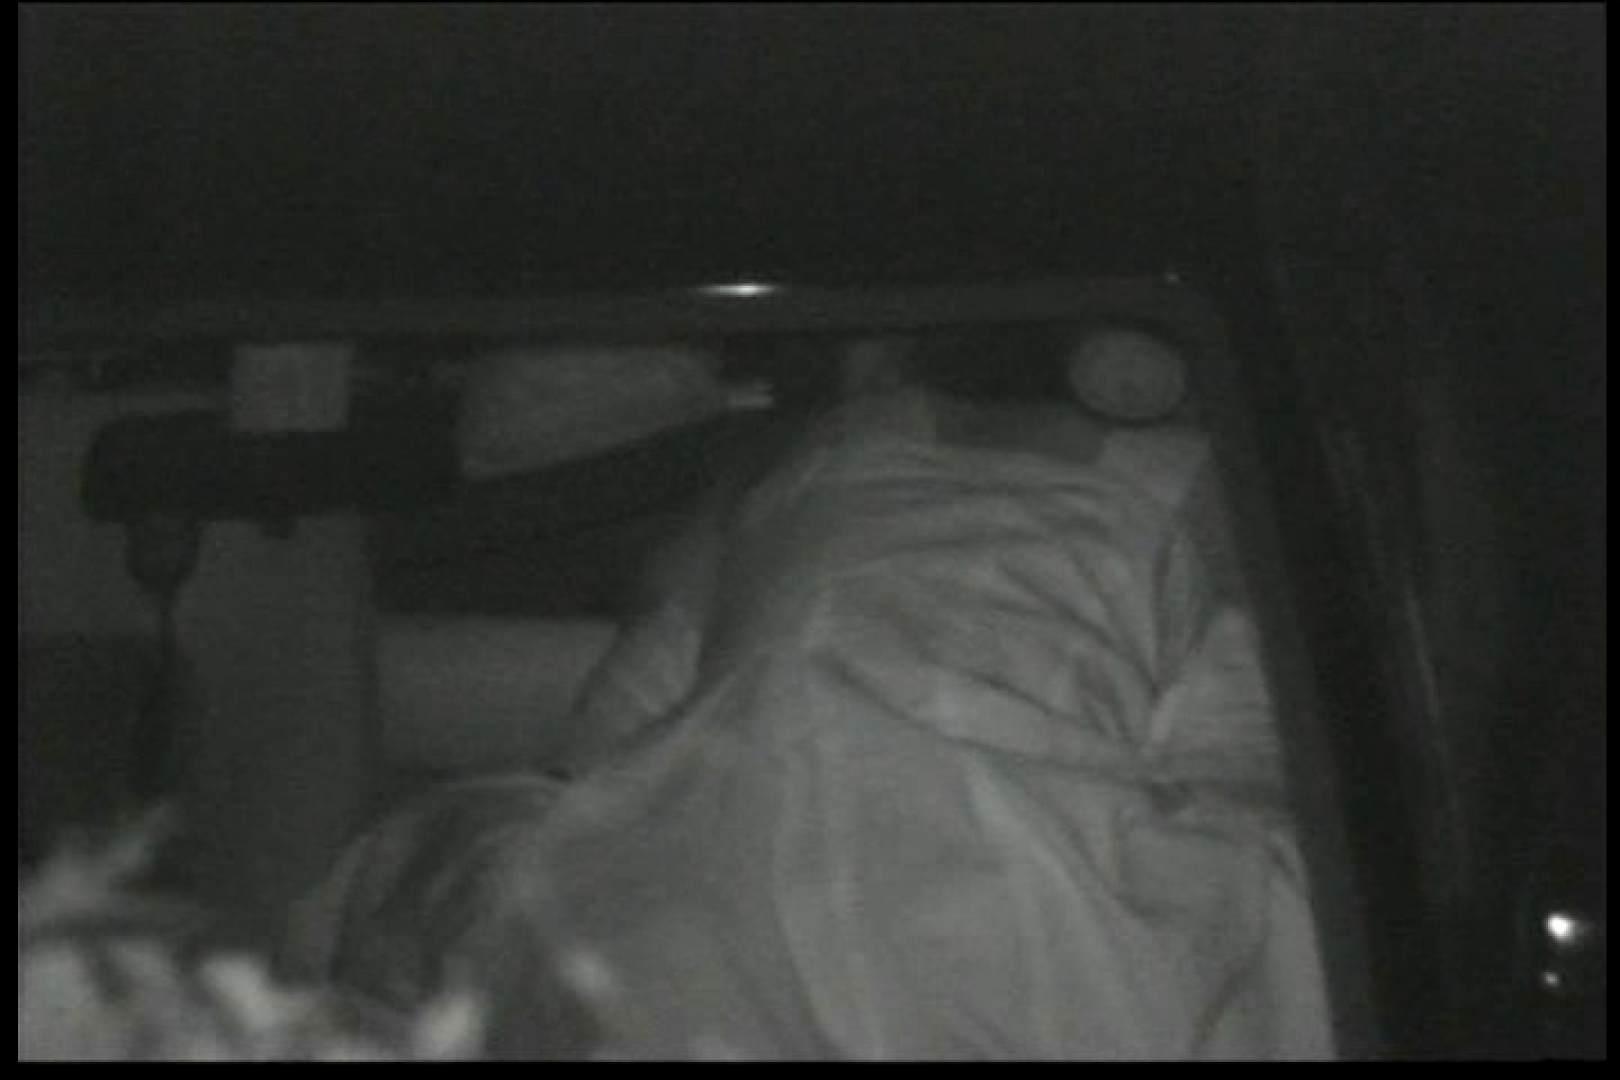 車の中はラブホテル 無修正版  Vol.12 カップル オマンコ動画キャプチャ 87pic 75